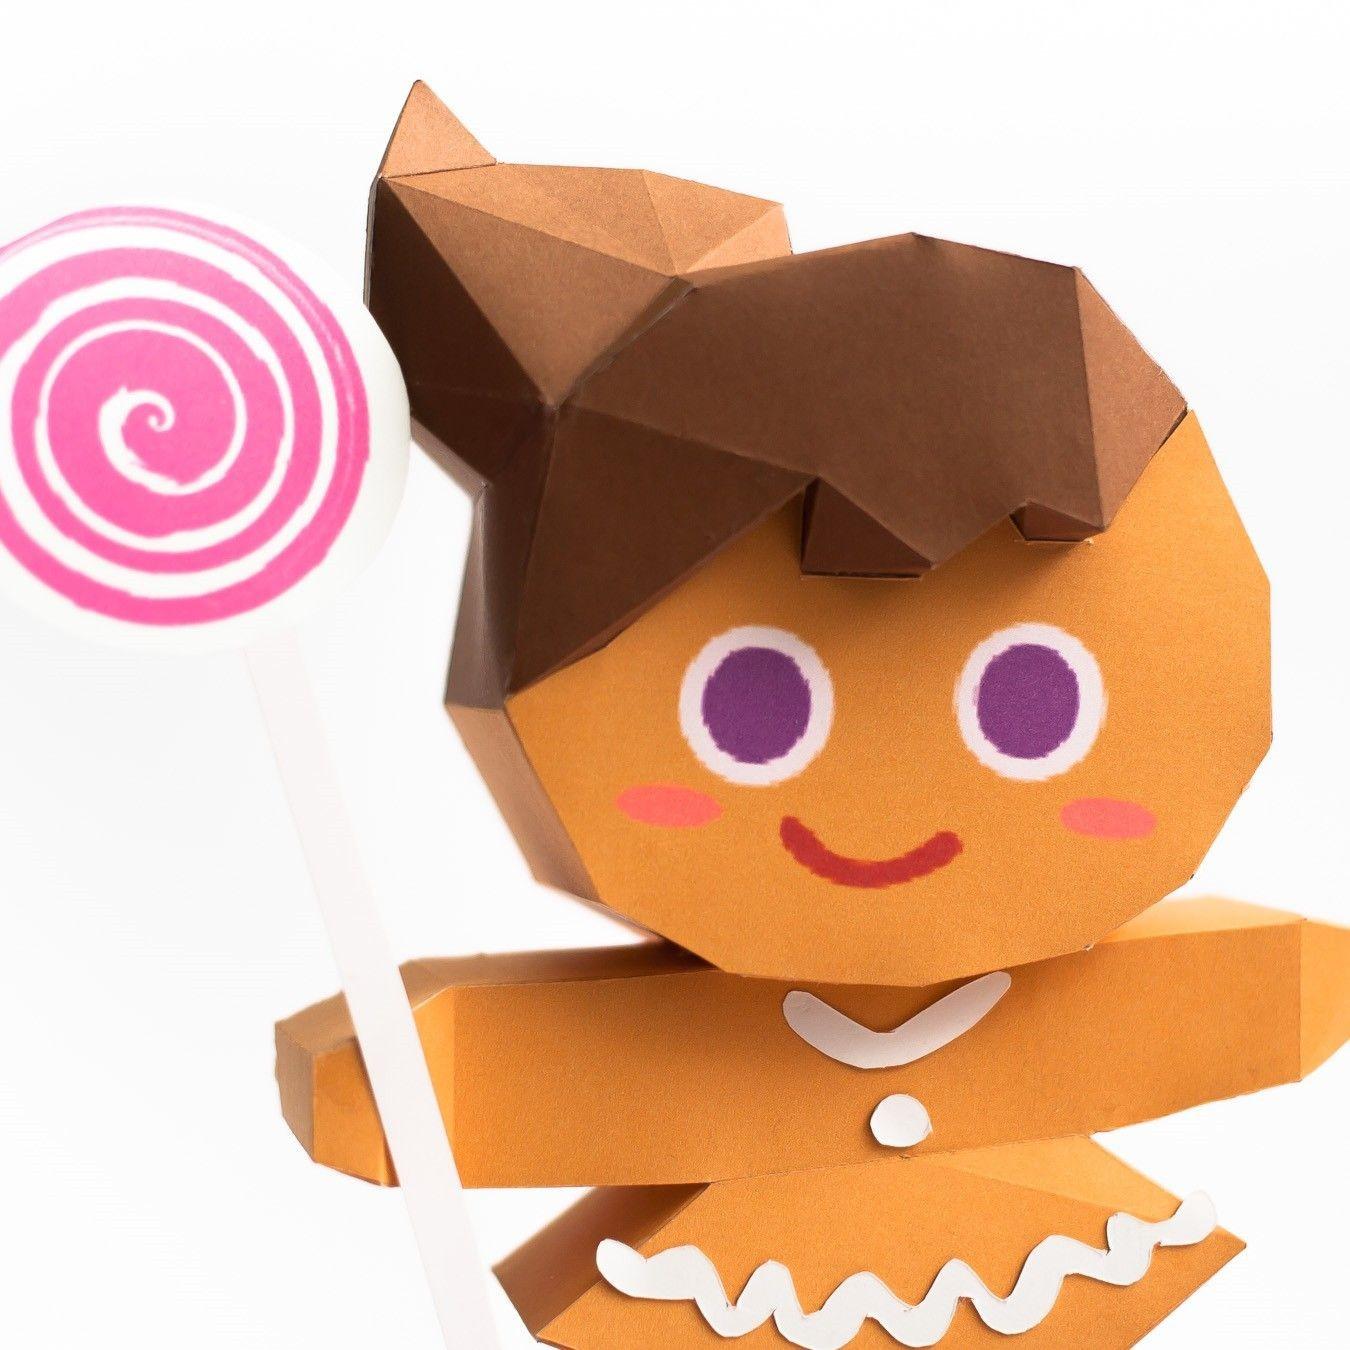 Nicky P Papercraft วิธีทำโมเดลกระดาษตุ้กตา คุกกี้สาวผู้ร่าเริง จากเกมส์คุกกี้รัน Line